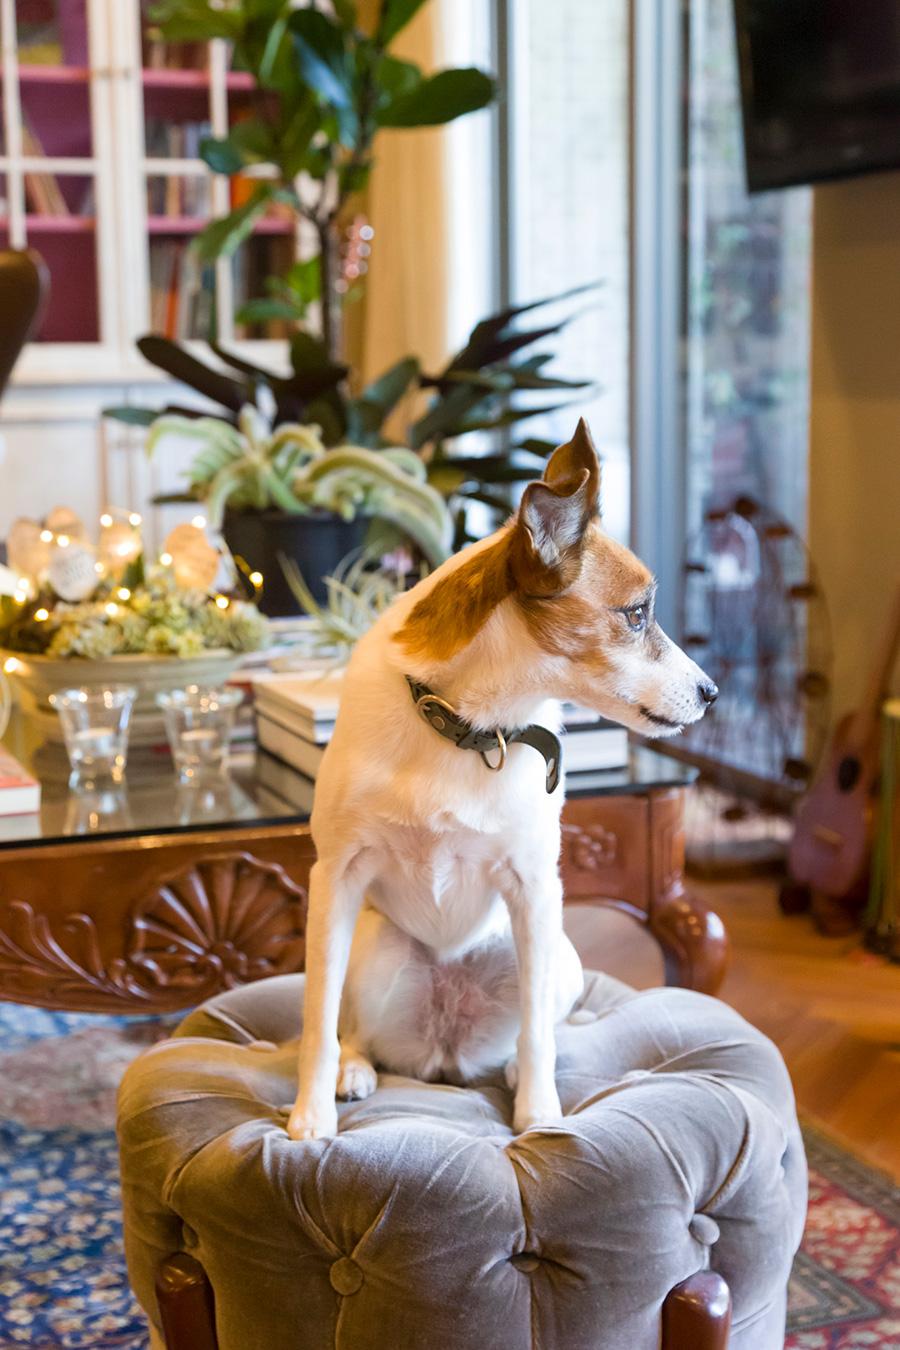 片柳家の2匹の犬たちは、広いテラスとリビングを自由に行き来するのが大好き。